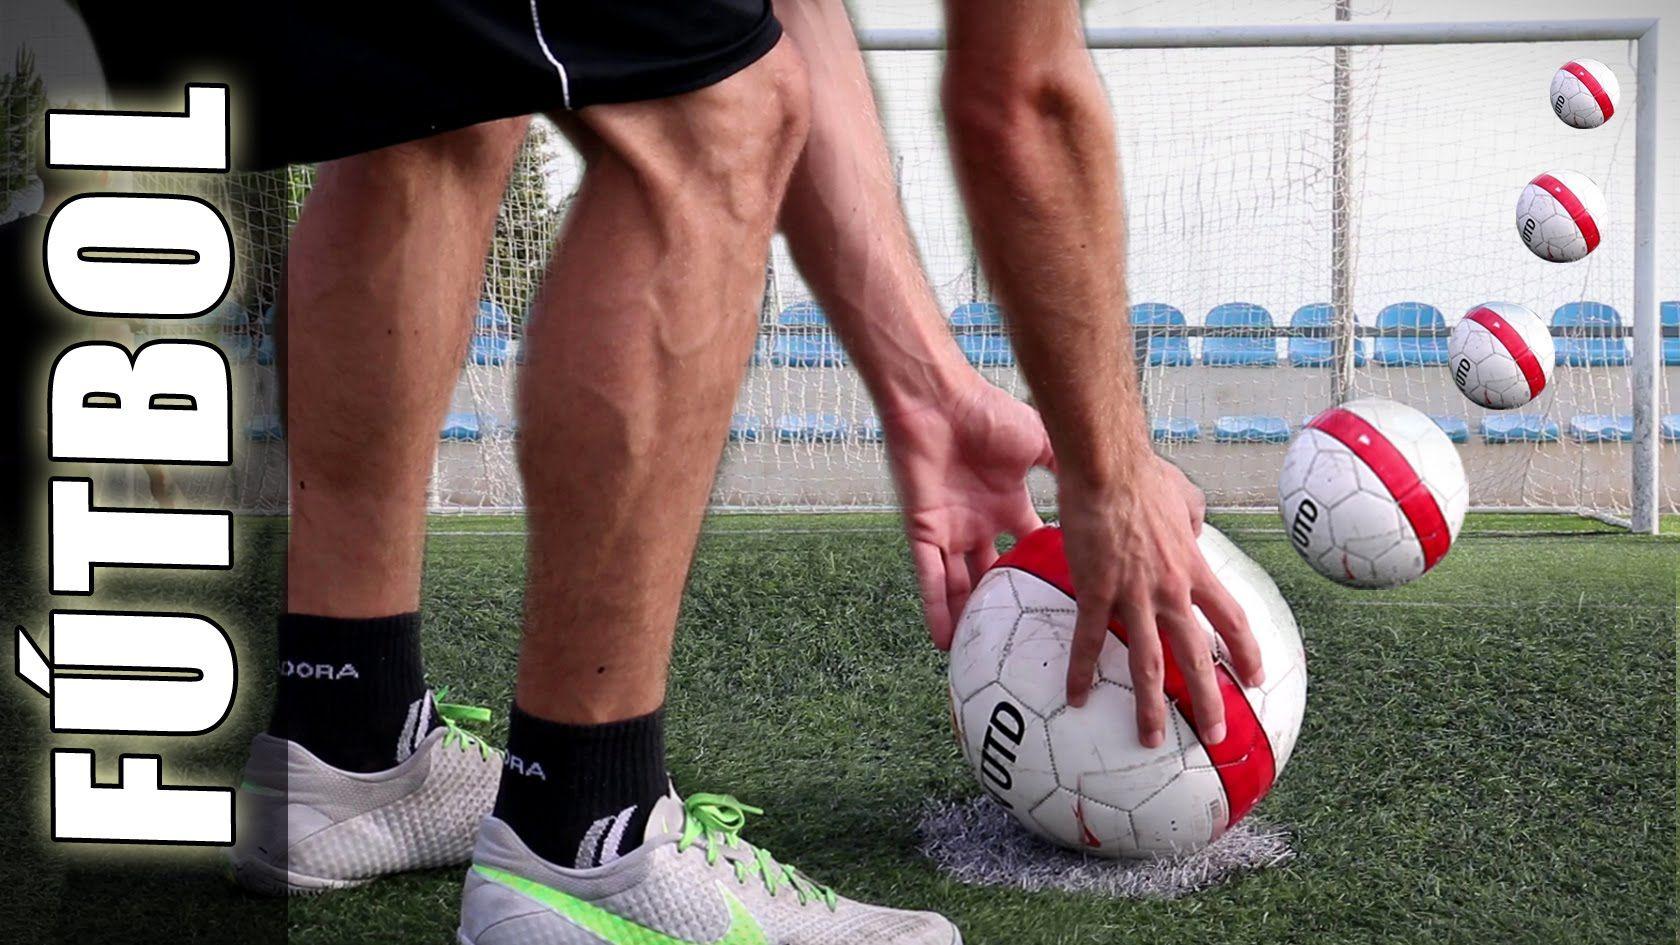 Penaltis de fútbol Como tirar un penal/chutar a portería